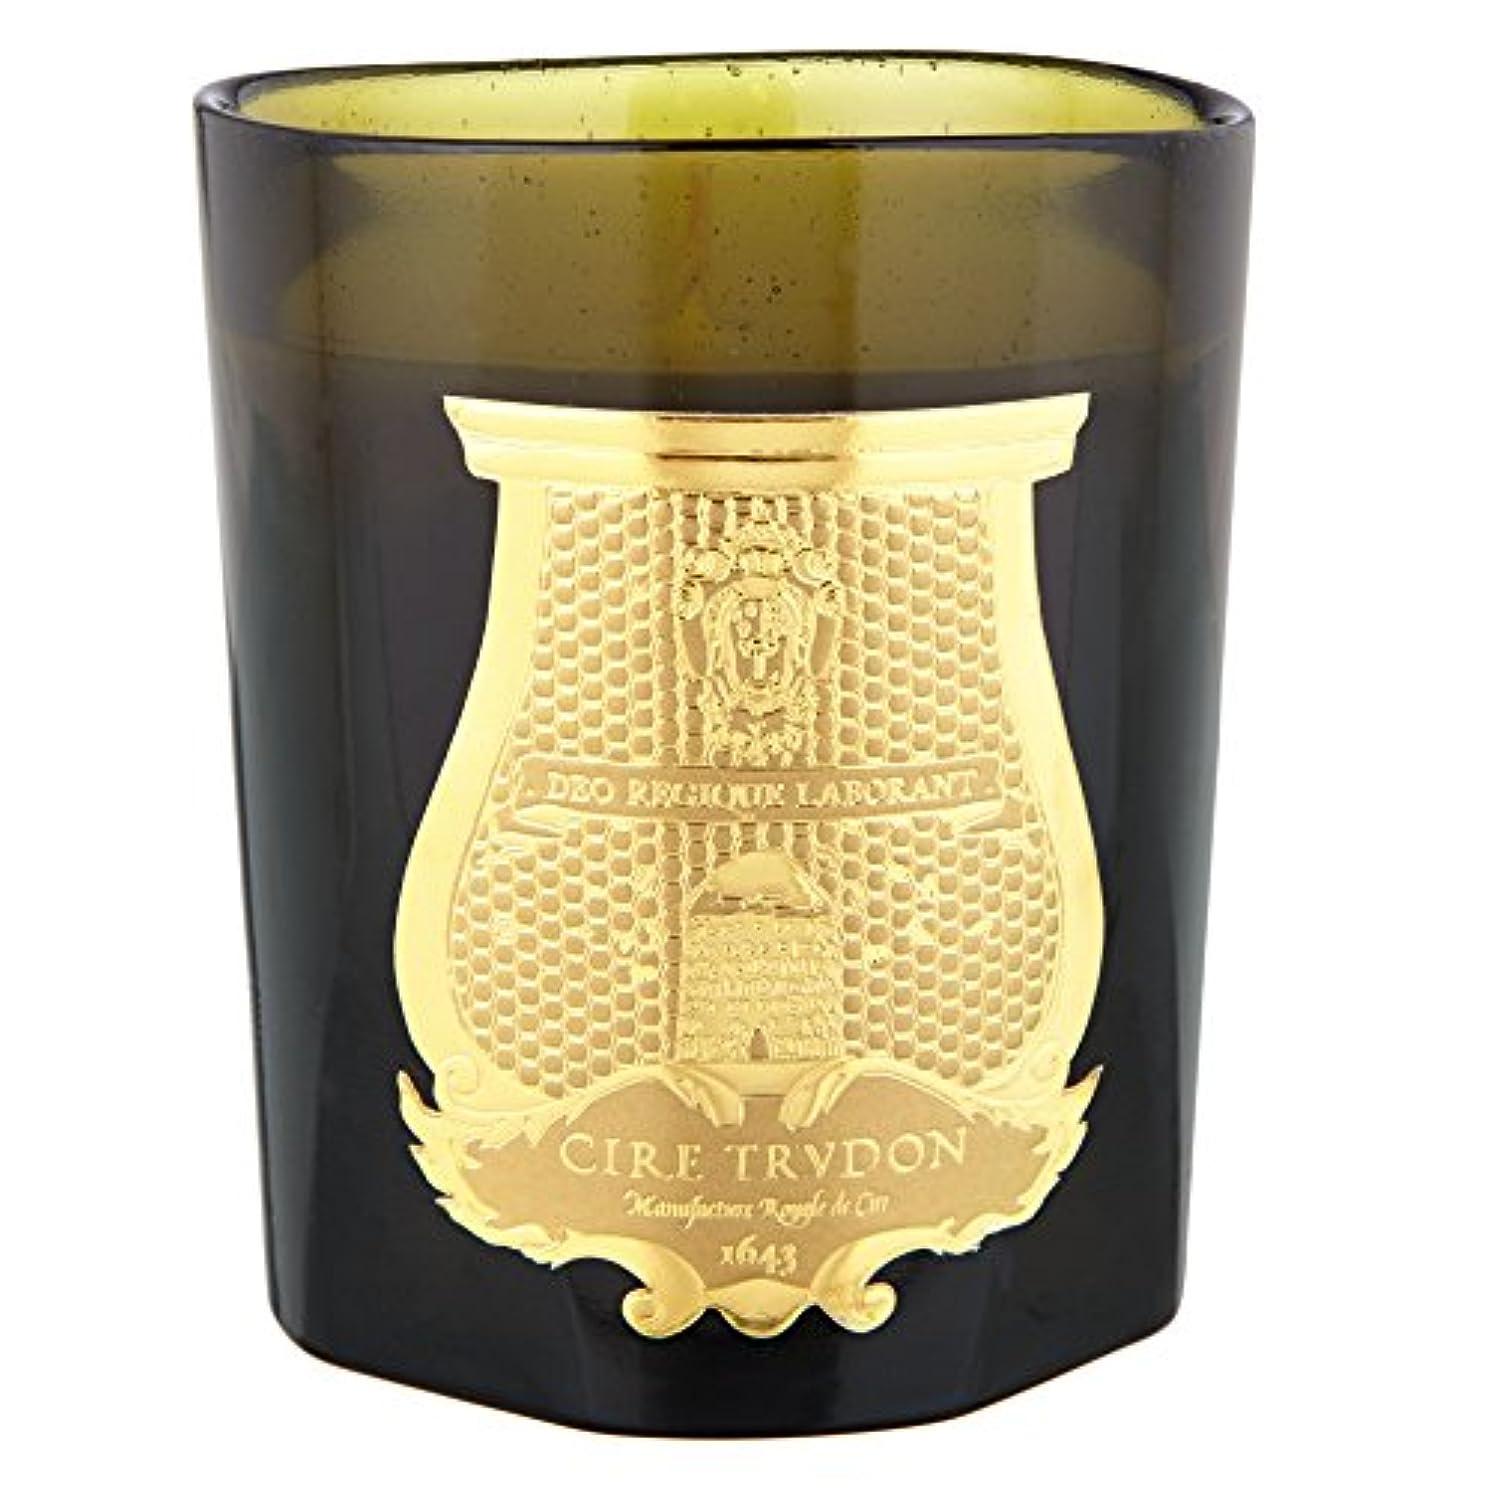 侮辱レスリング過半数CireのTrudonのトリアノン香りのキャンドル (Cire Trudon) - Cire Trudon Trianon Scented Candle [並行輸入品]